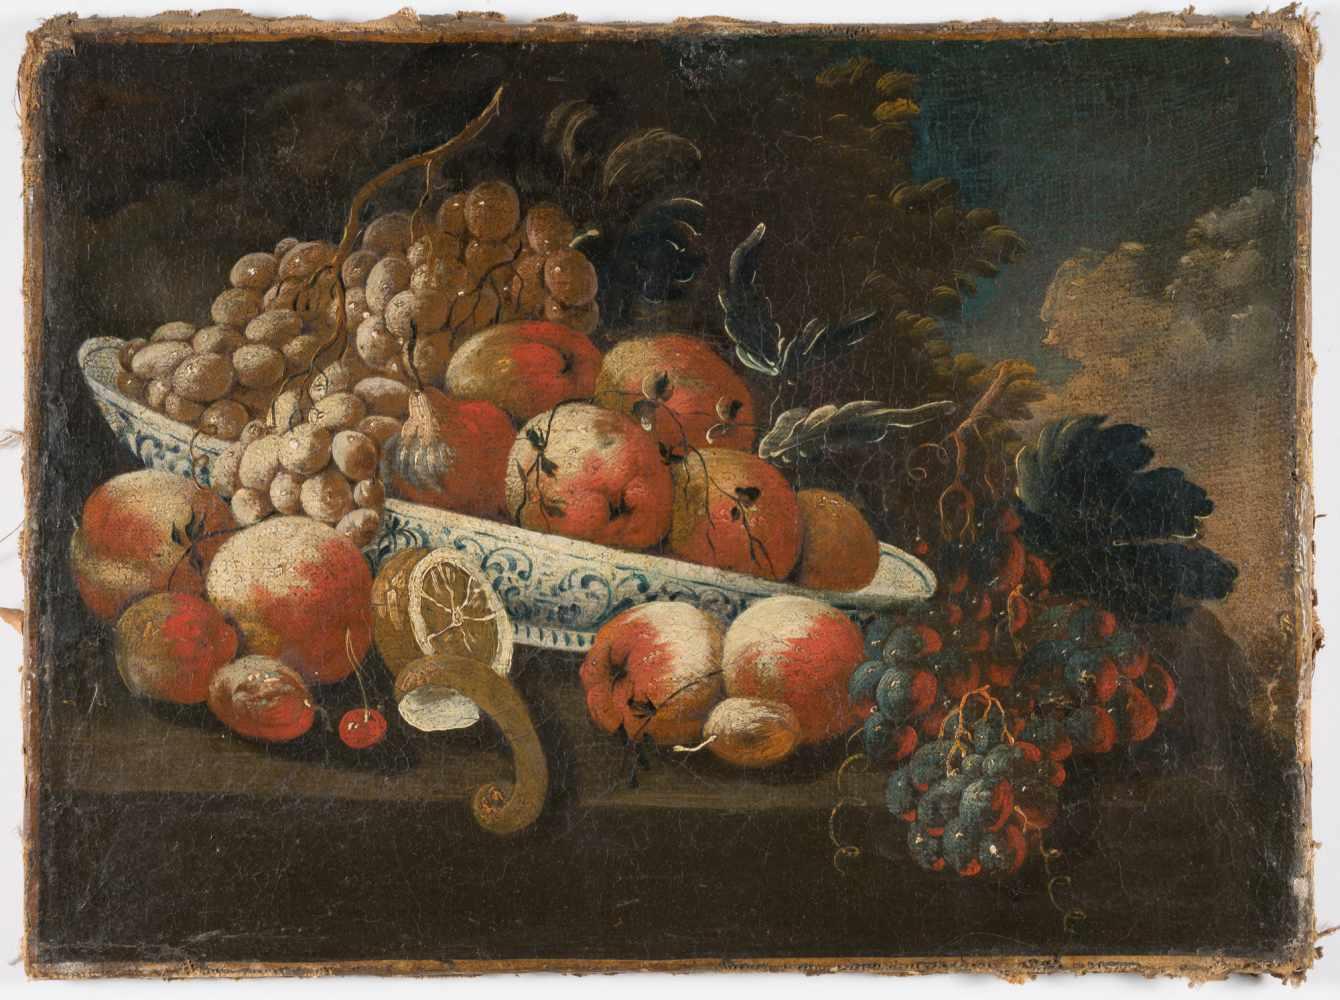 Lot 28 - DeutschStillleben mit Pfirsichen, Trauben, Kirschen und einer ZitroneÖl auf Leinwand, doubliert. (